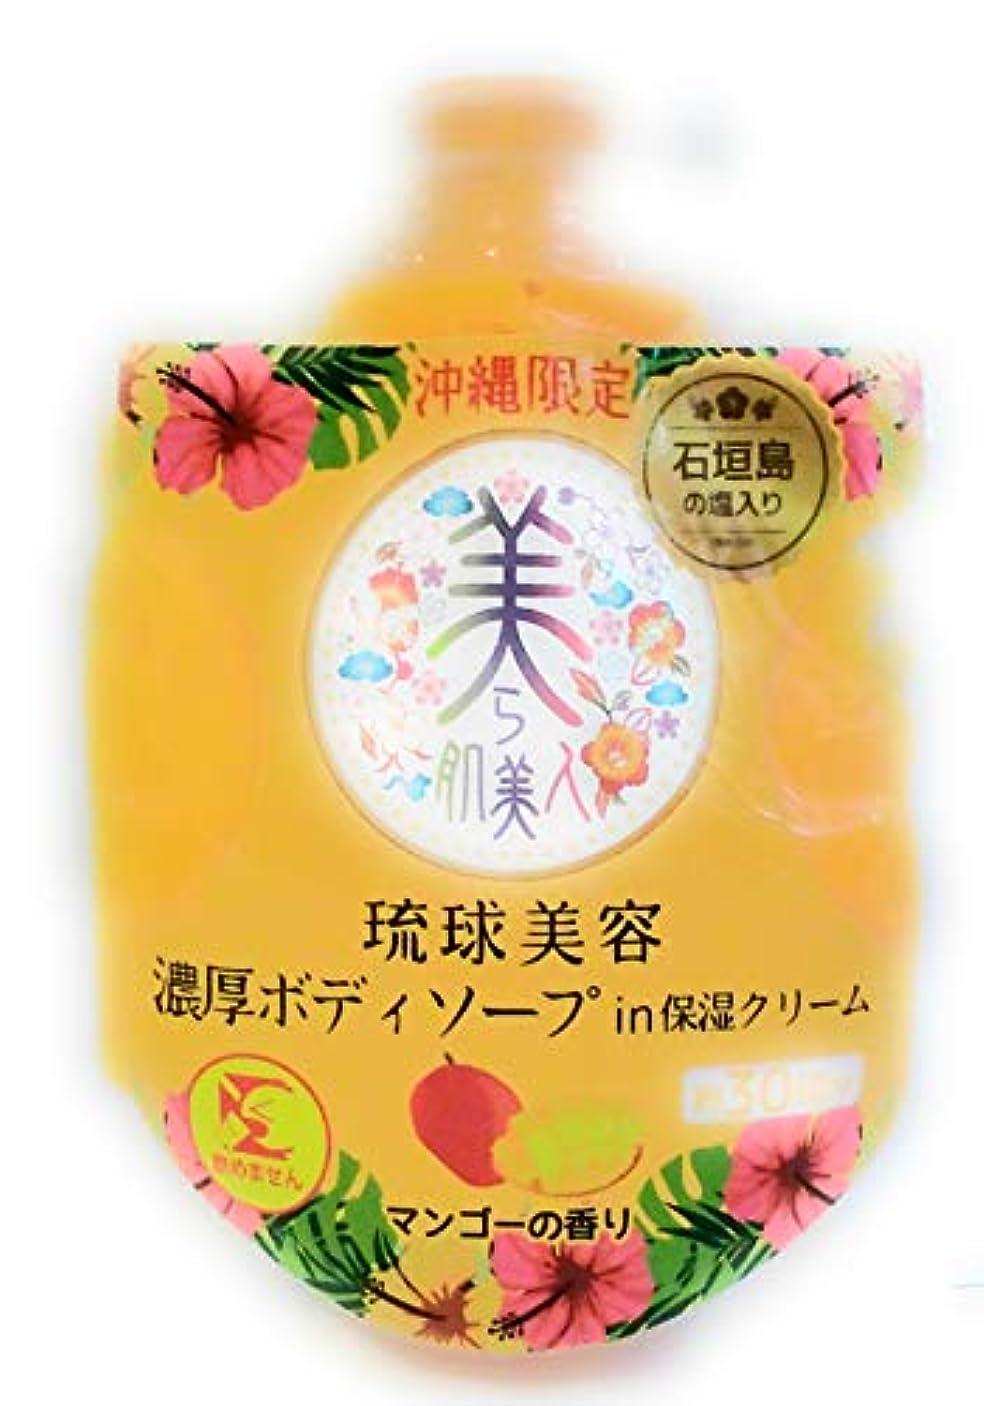 水没表向き行き当たりばったり沖縄限定 美ら肌美人 琉球美容濃厚ボディソープin保湿クリーム マンゴーの香り